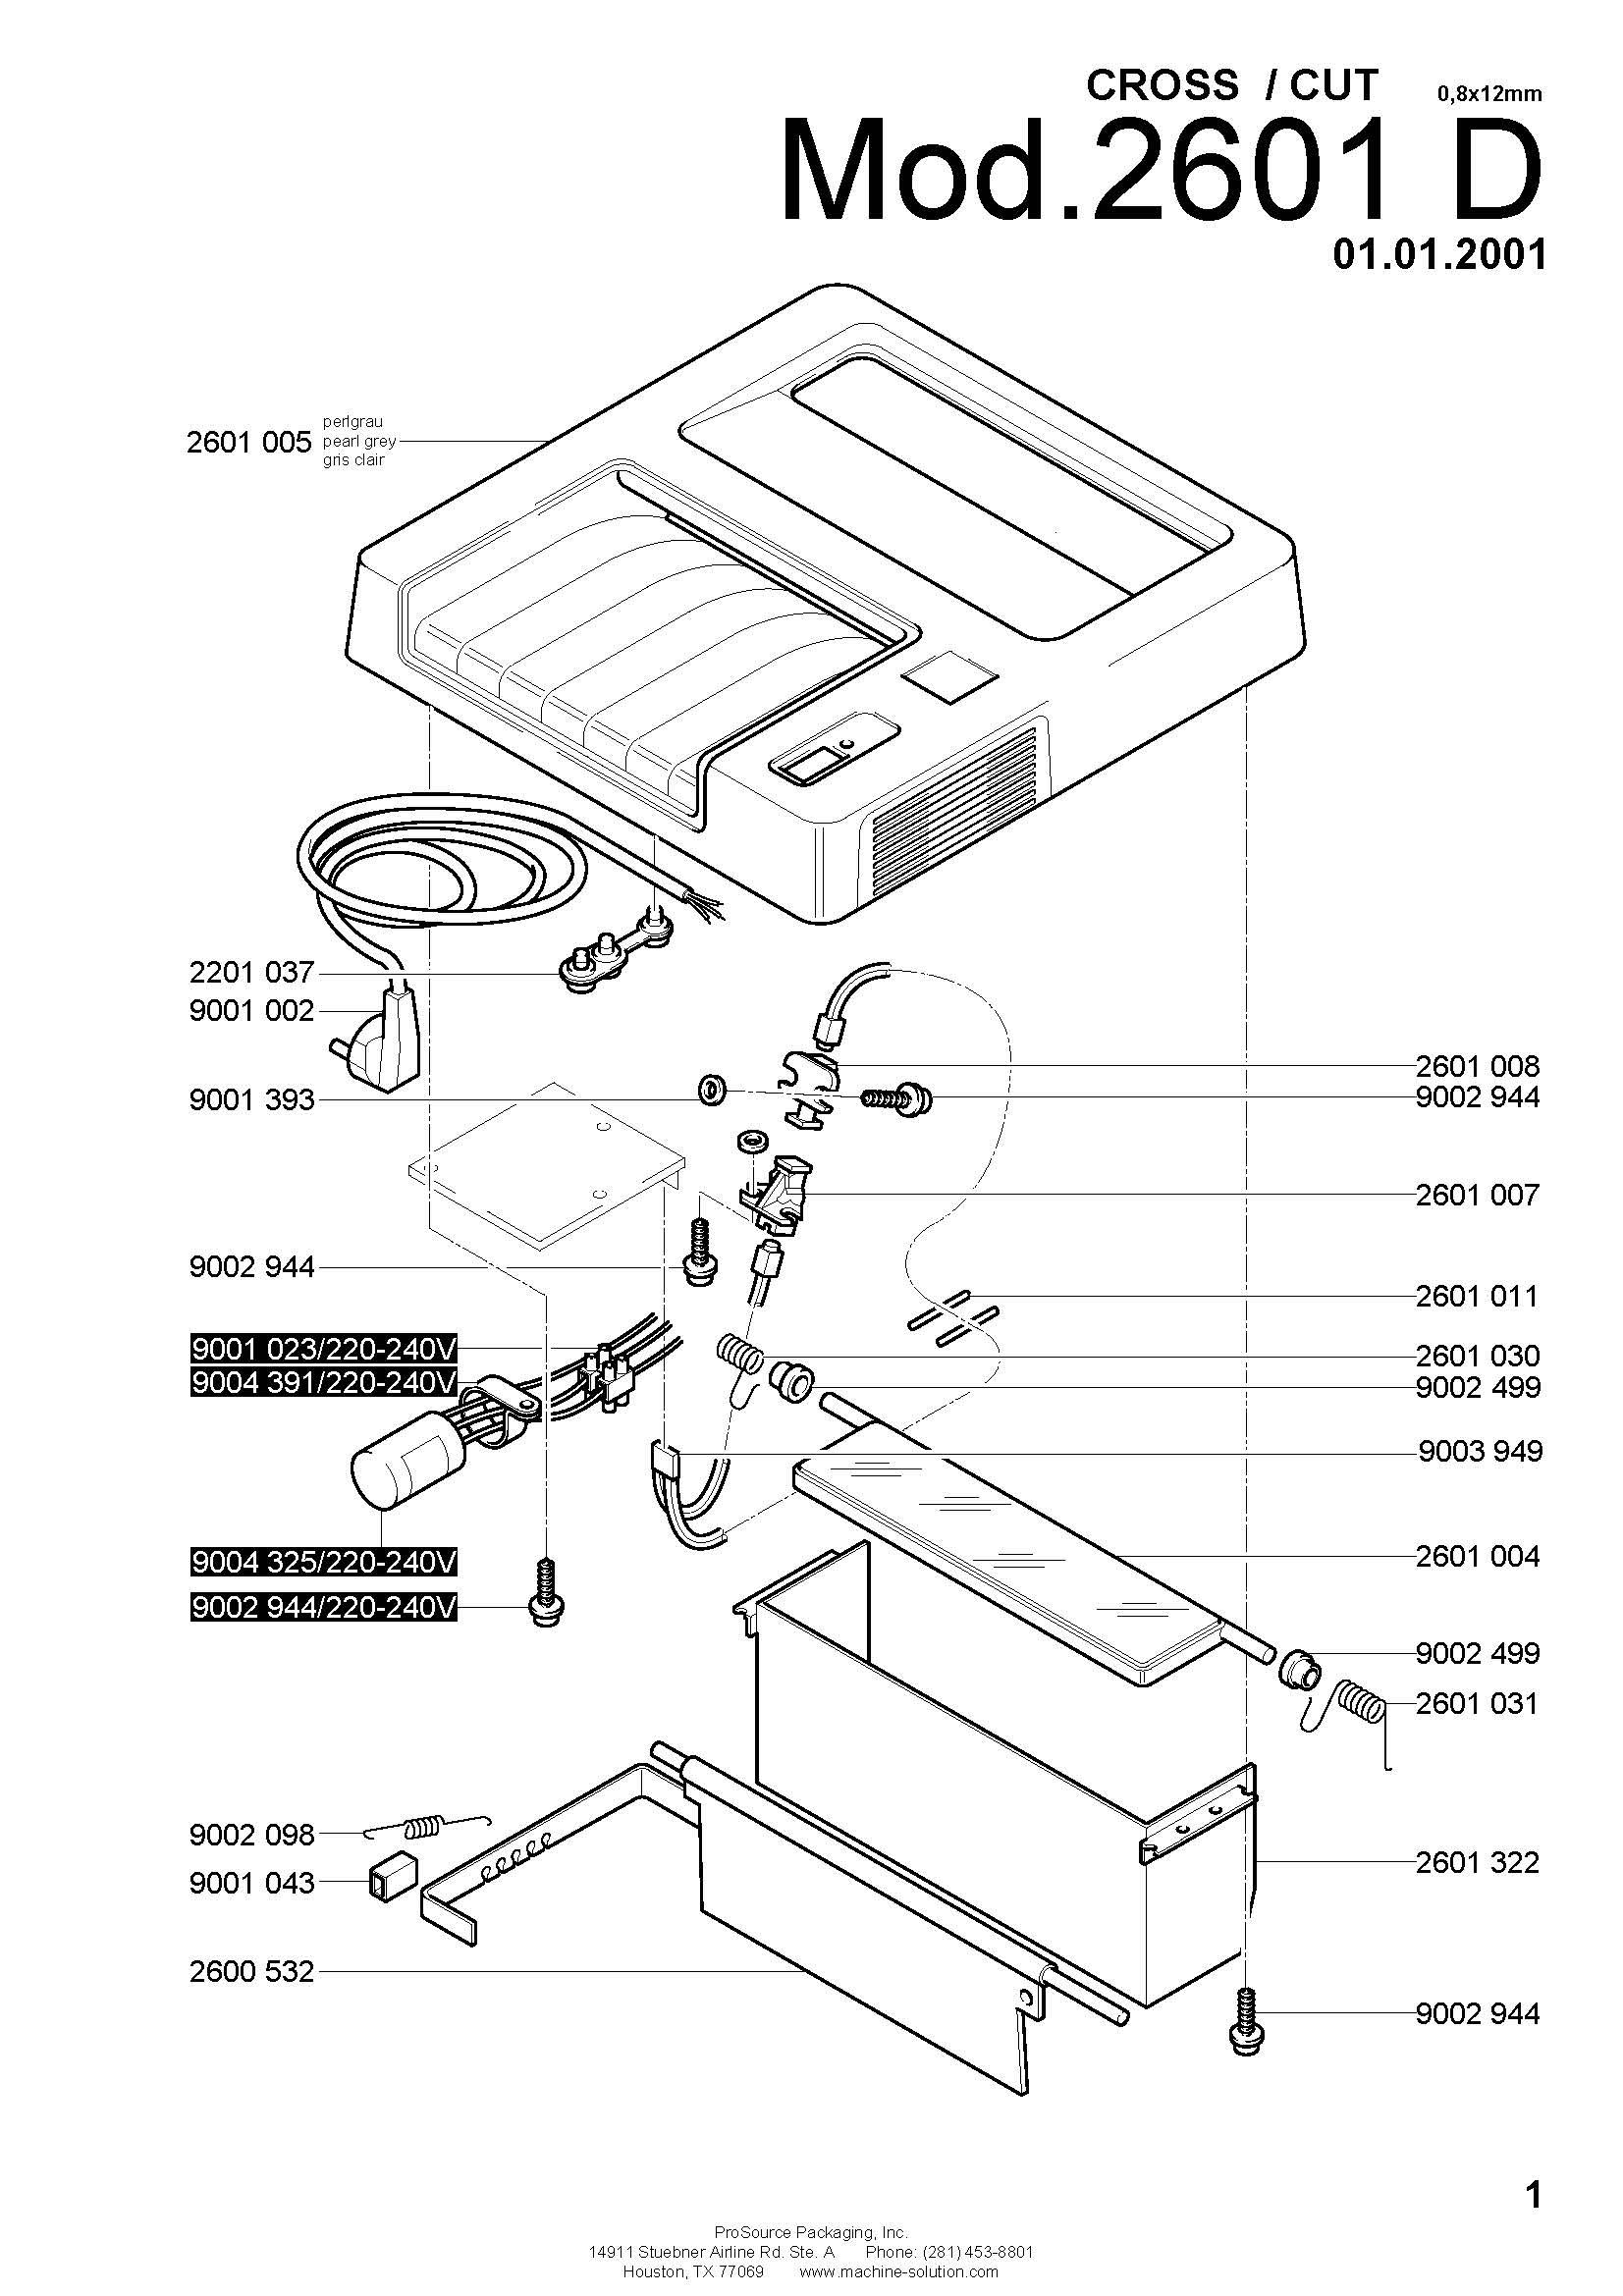 parts assistant mbm destroyit 2601 d 8x12mm Office Layout Planning page 1